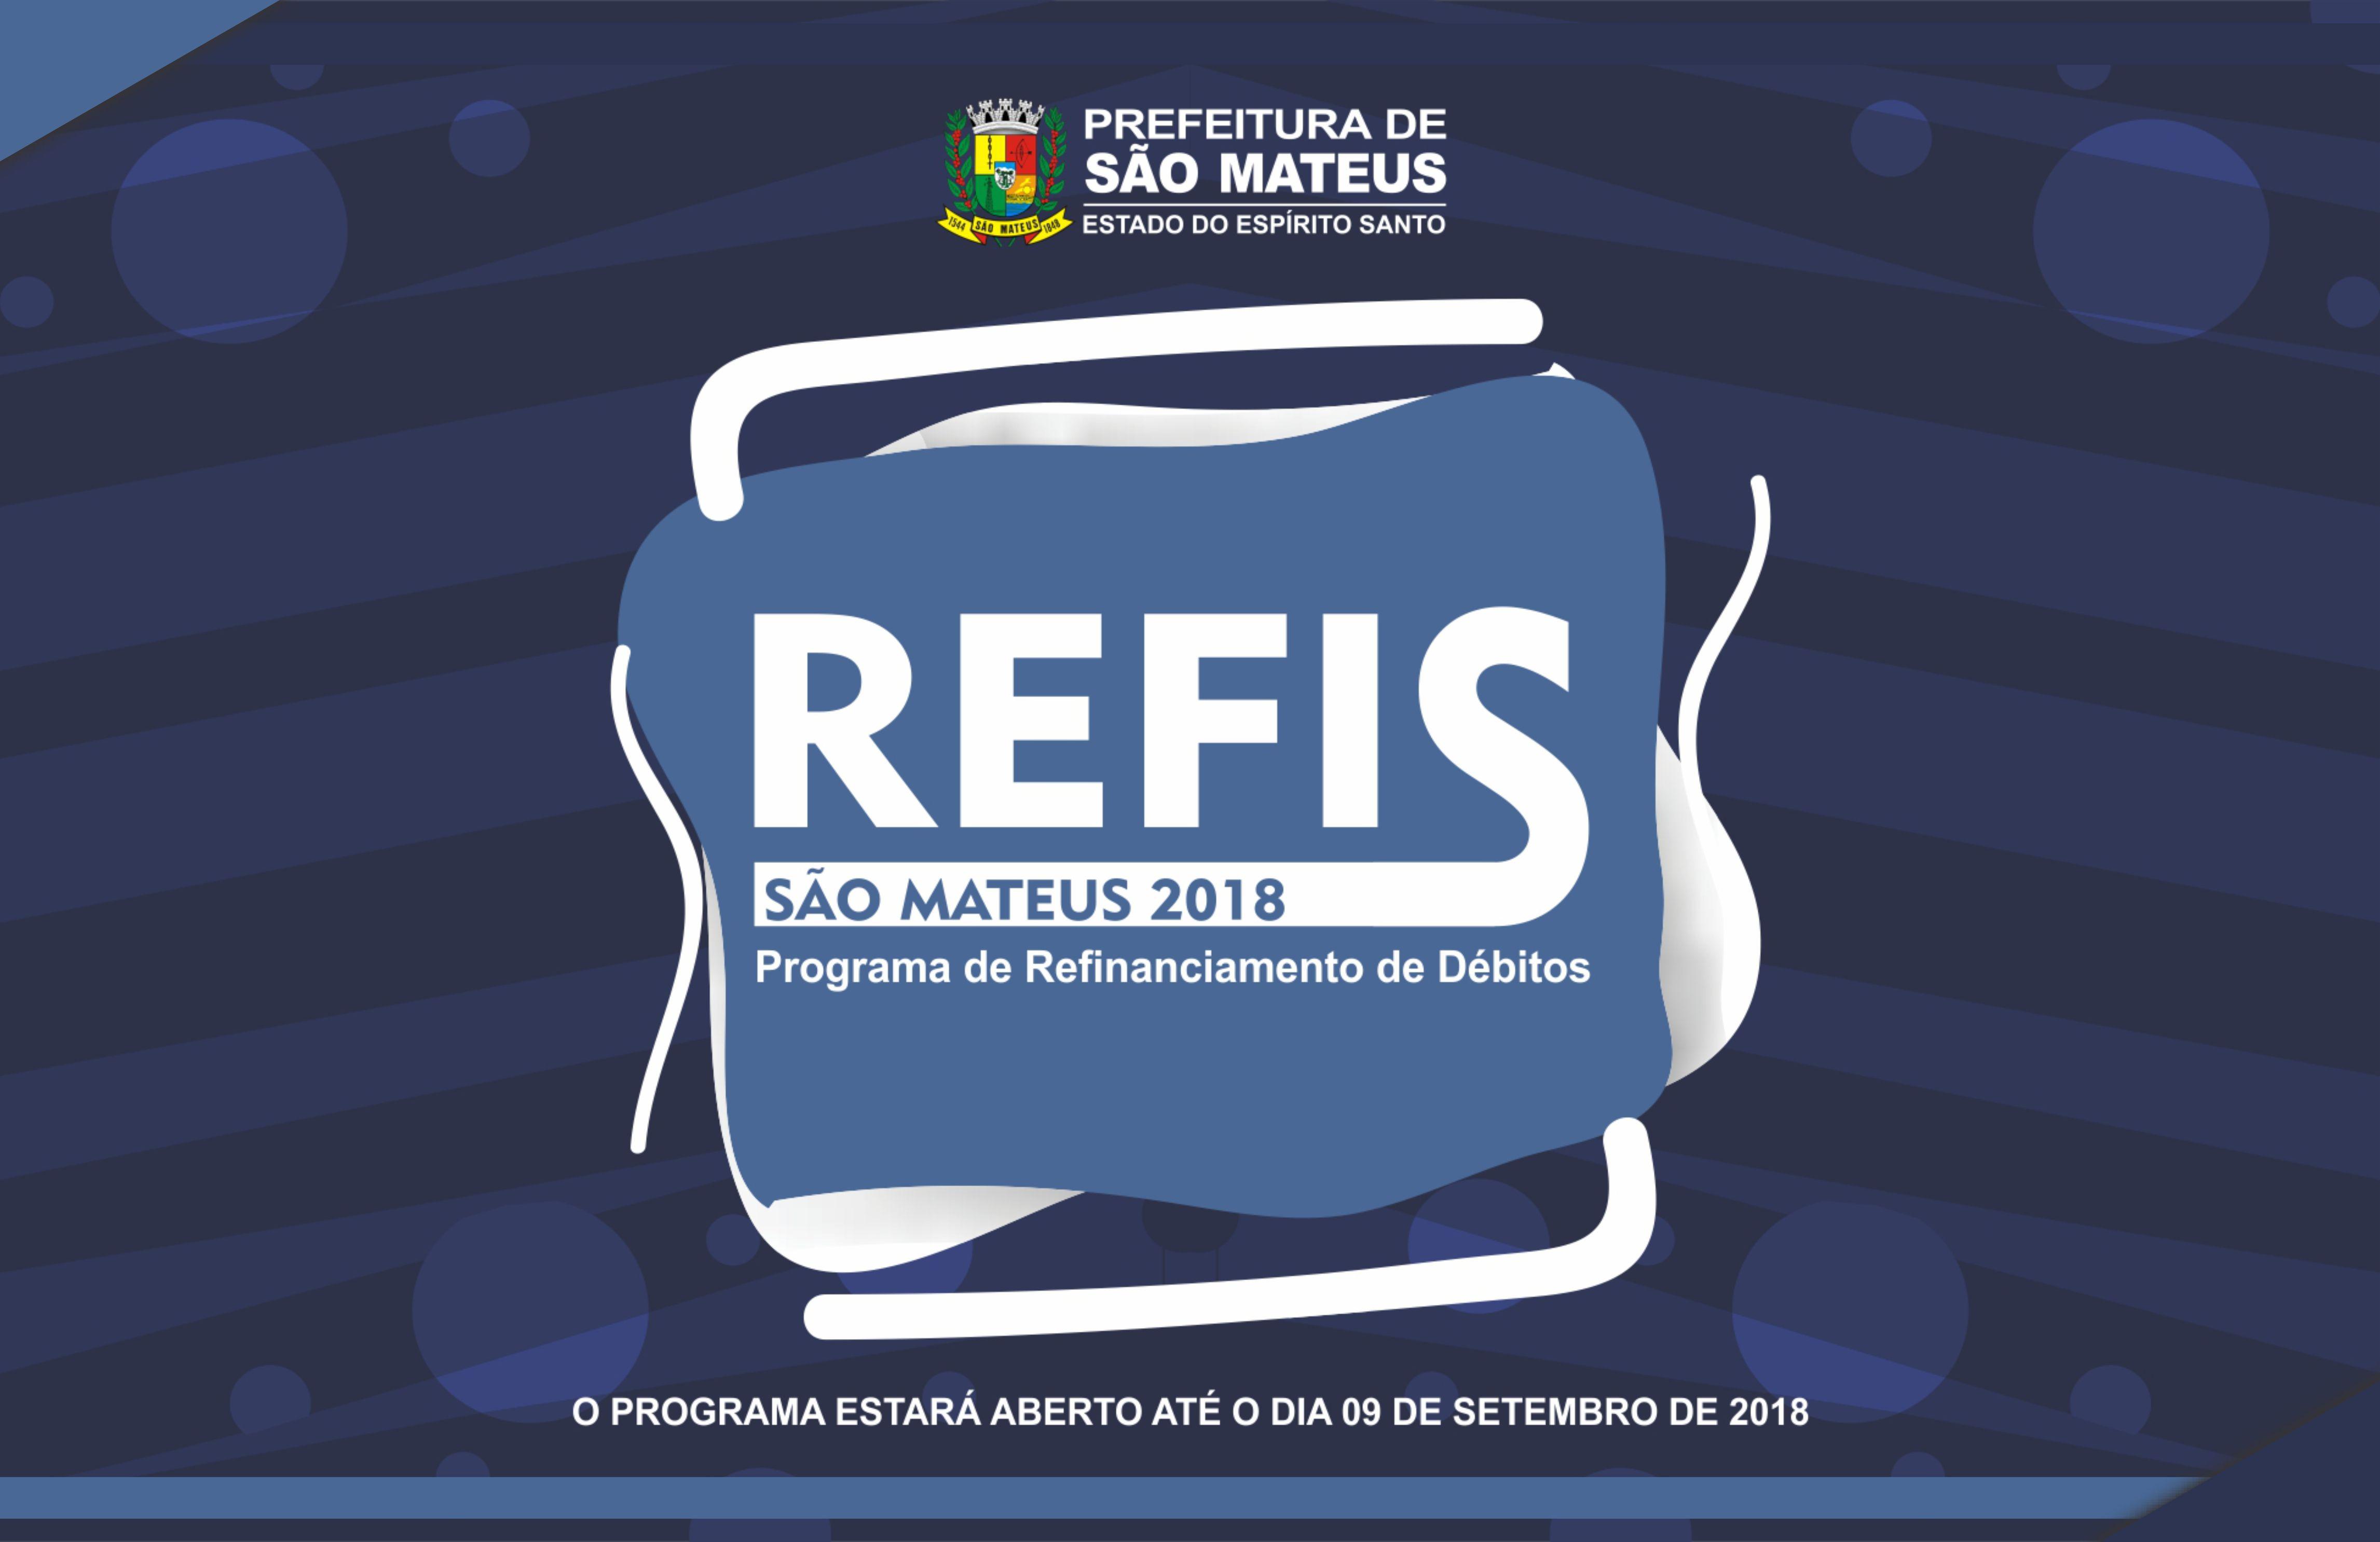 Programa de Refinanciamento de Débitos passa a ser oferecido em São Mateus